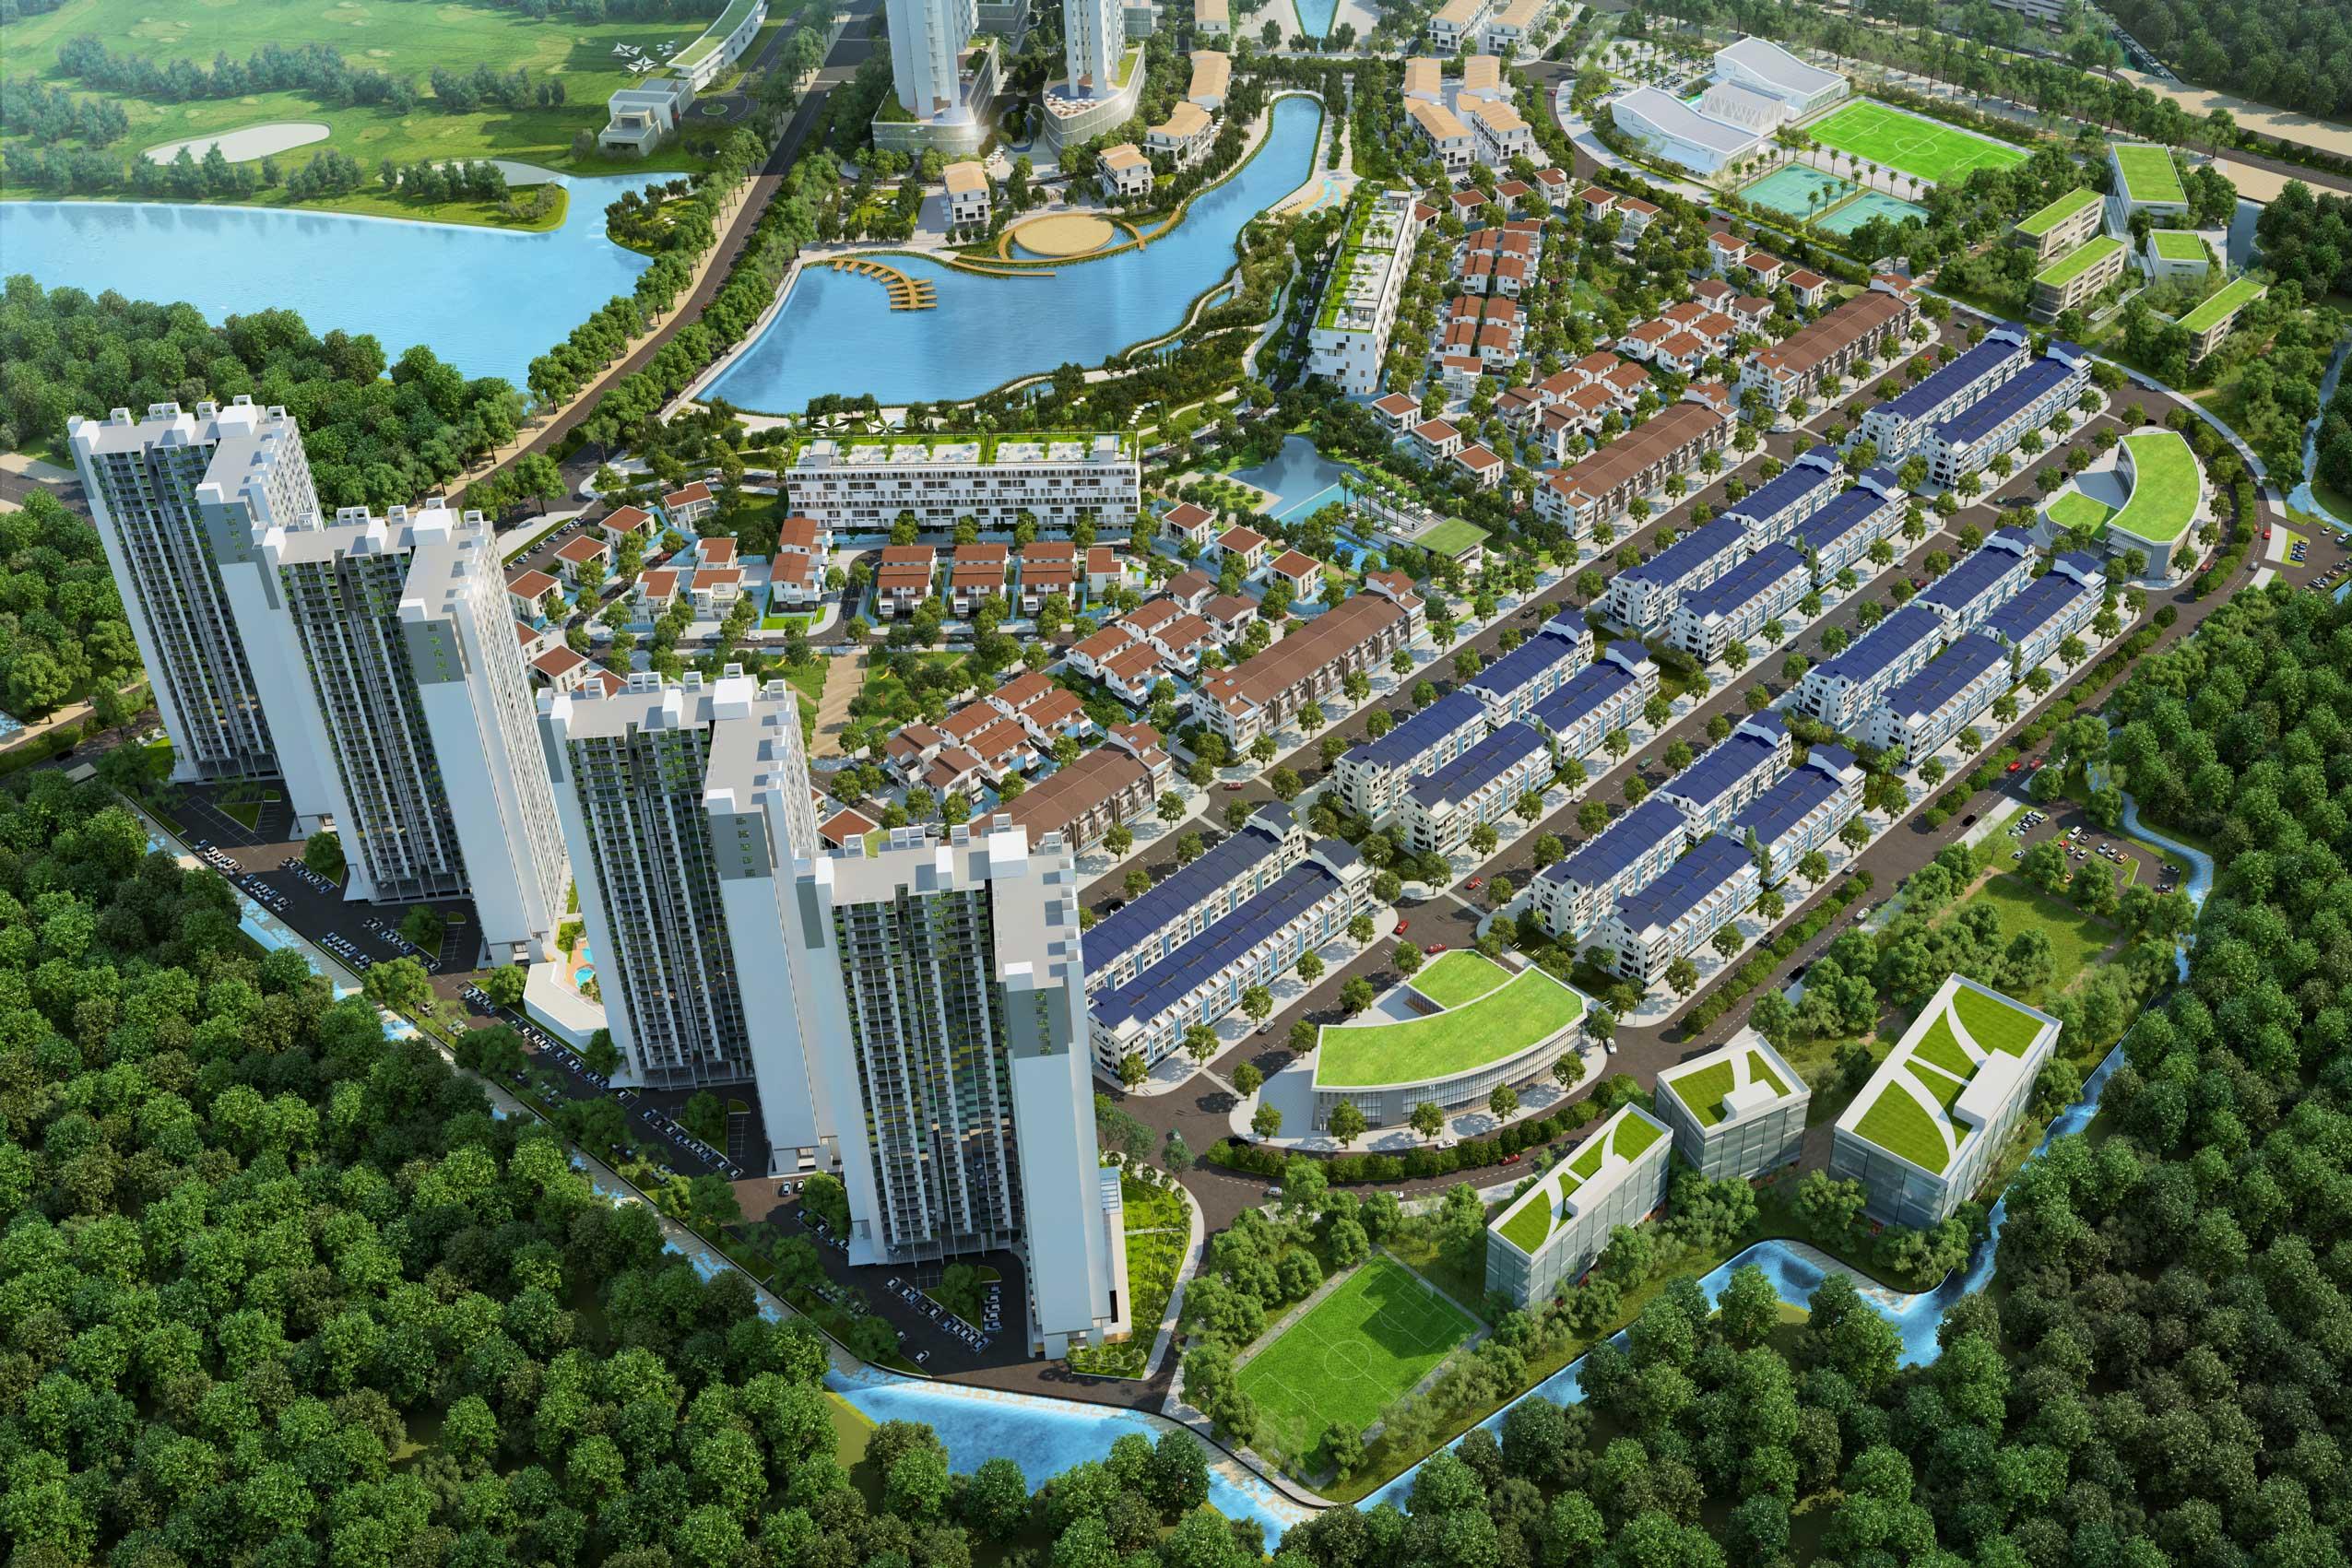 Chung cư West Bay Ecopark – Căn hộ 5 sao giá chỉ 688tr - Ecopark ...